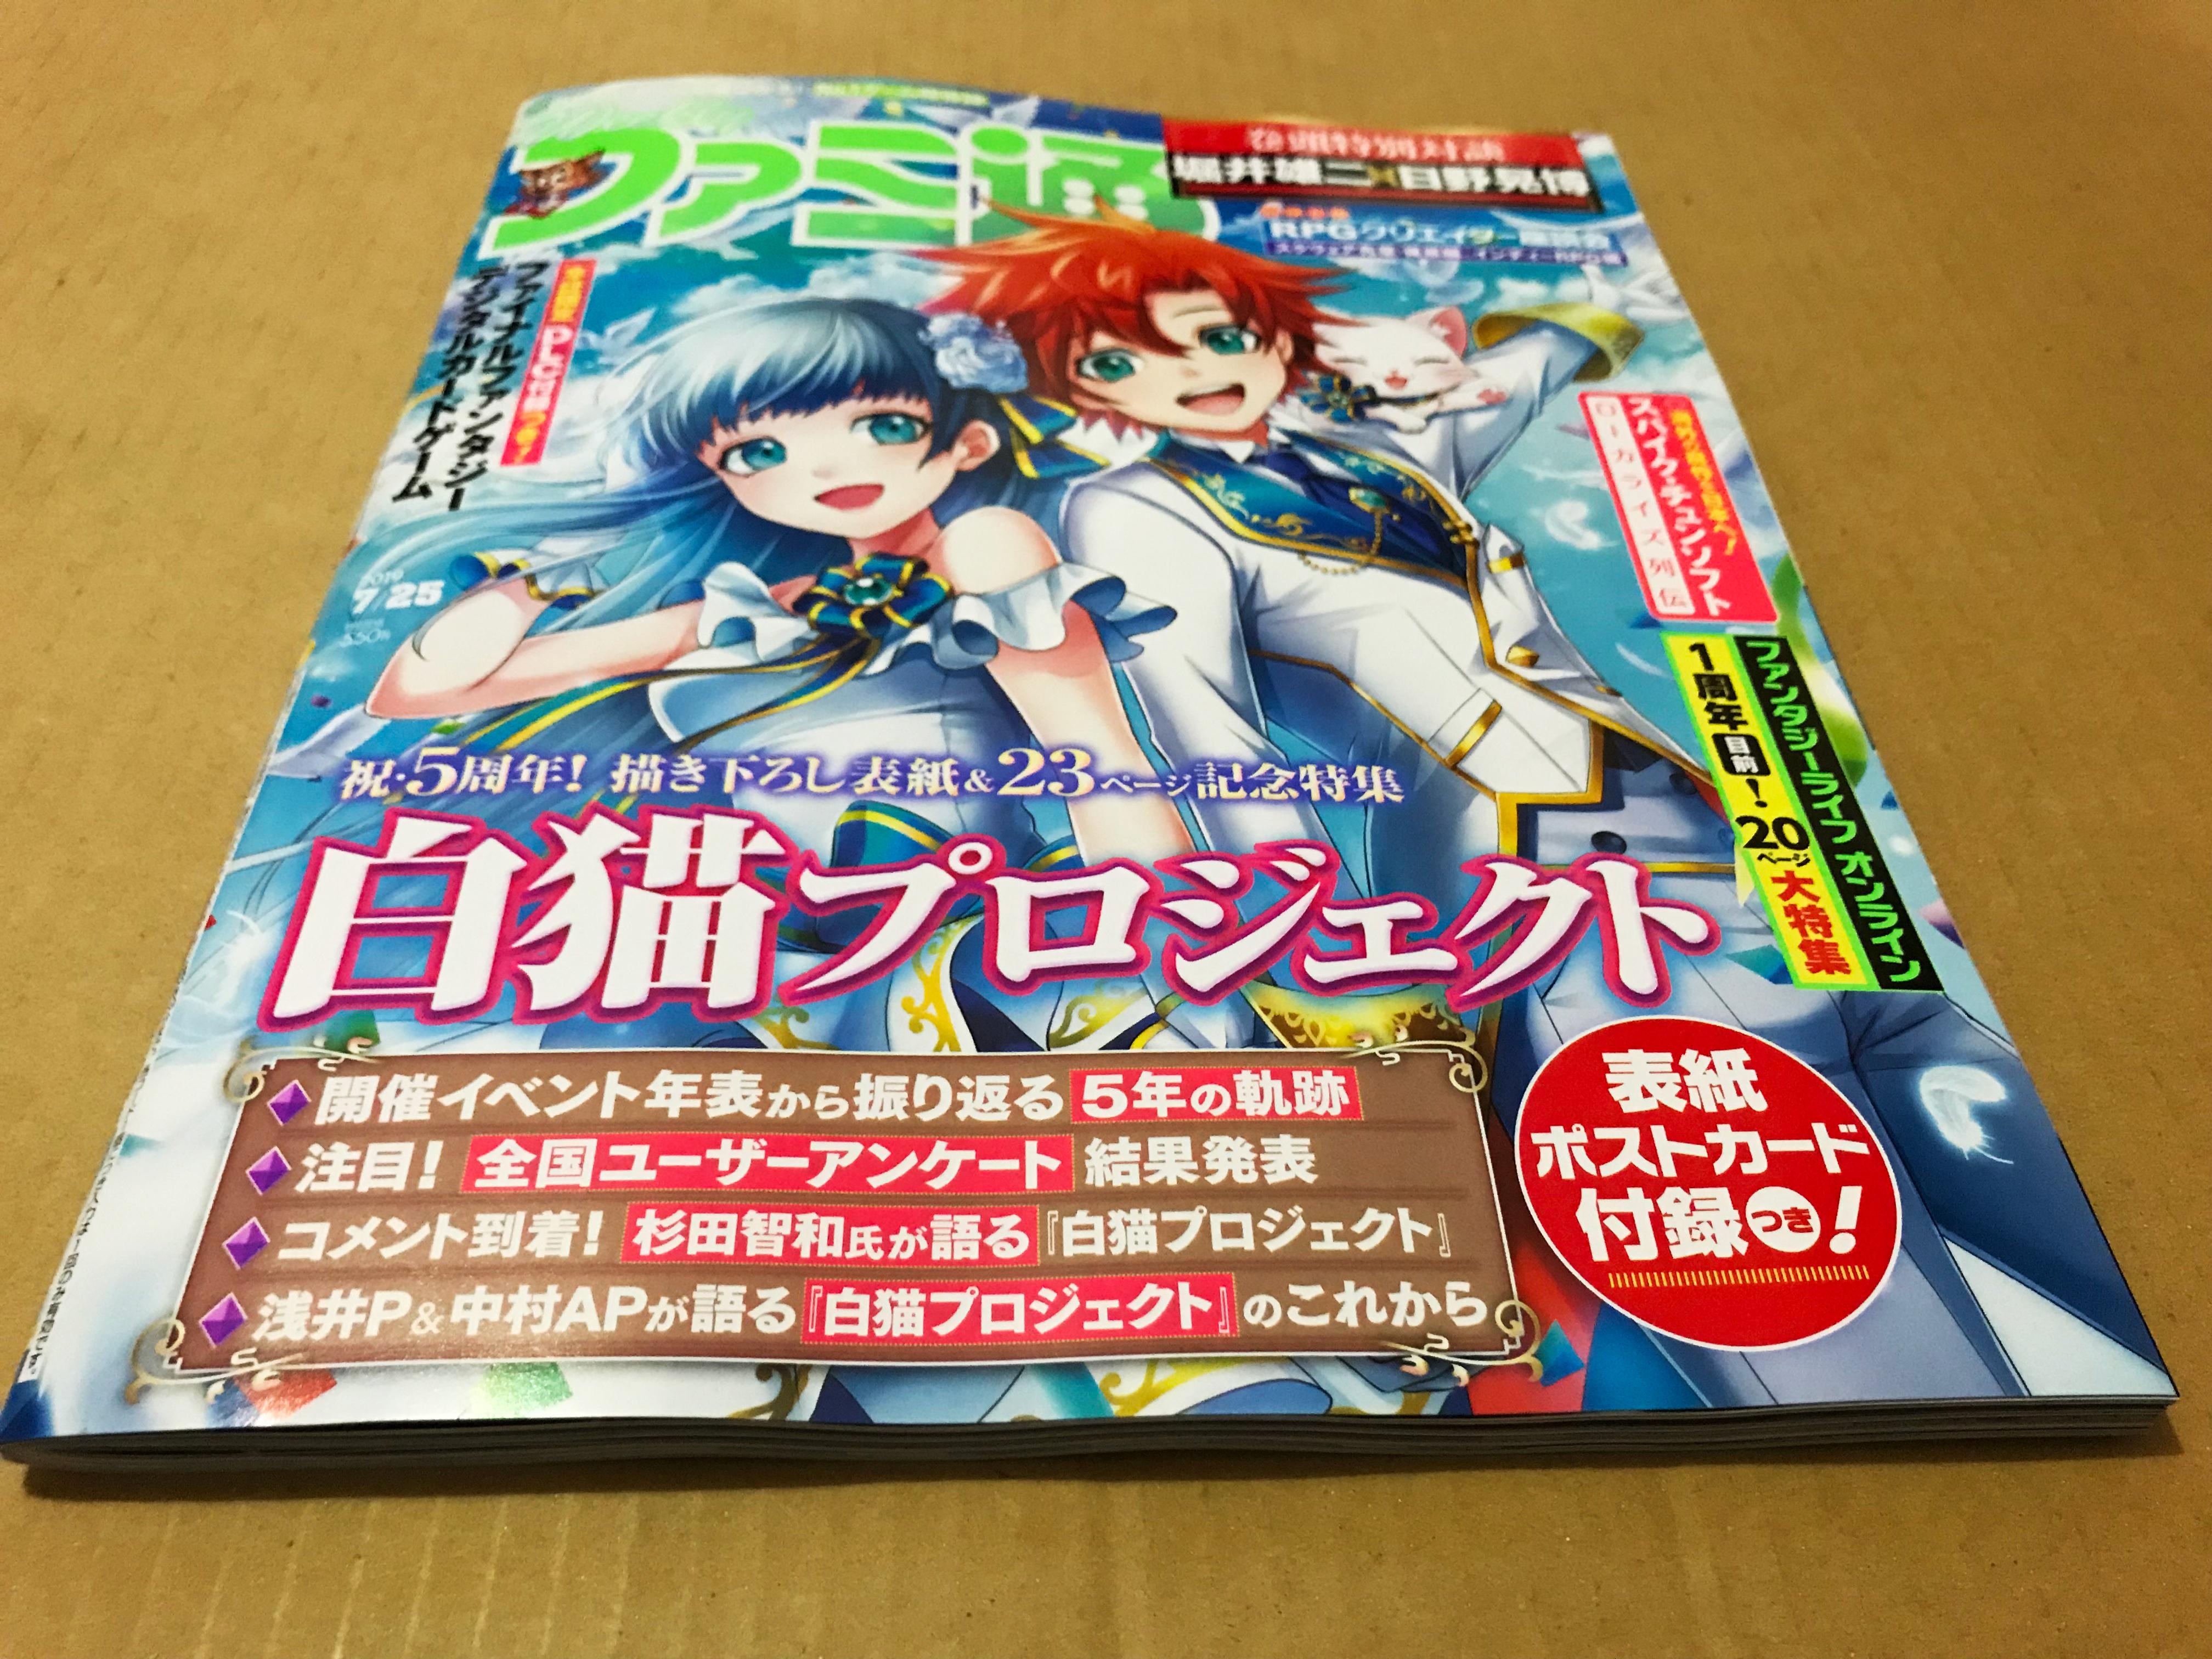 週刊ファミ通 2019年7月25日号 No.1597